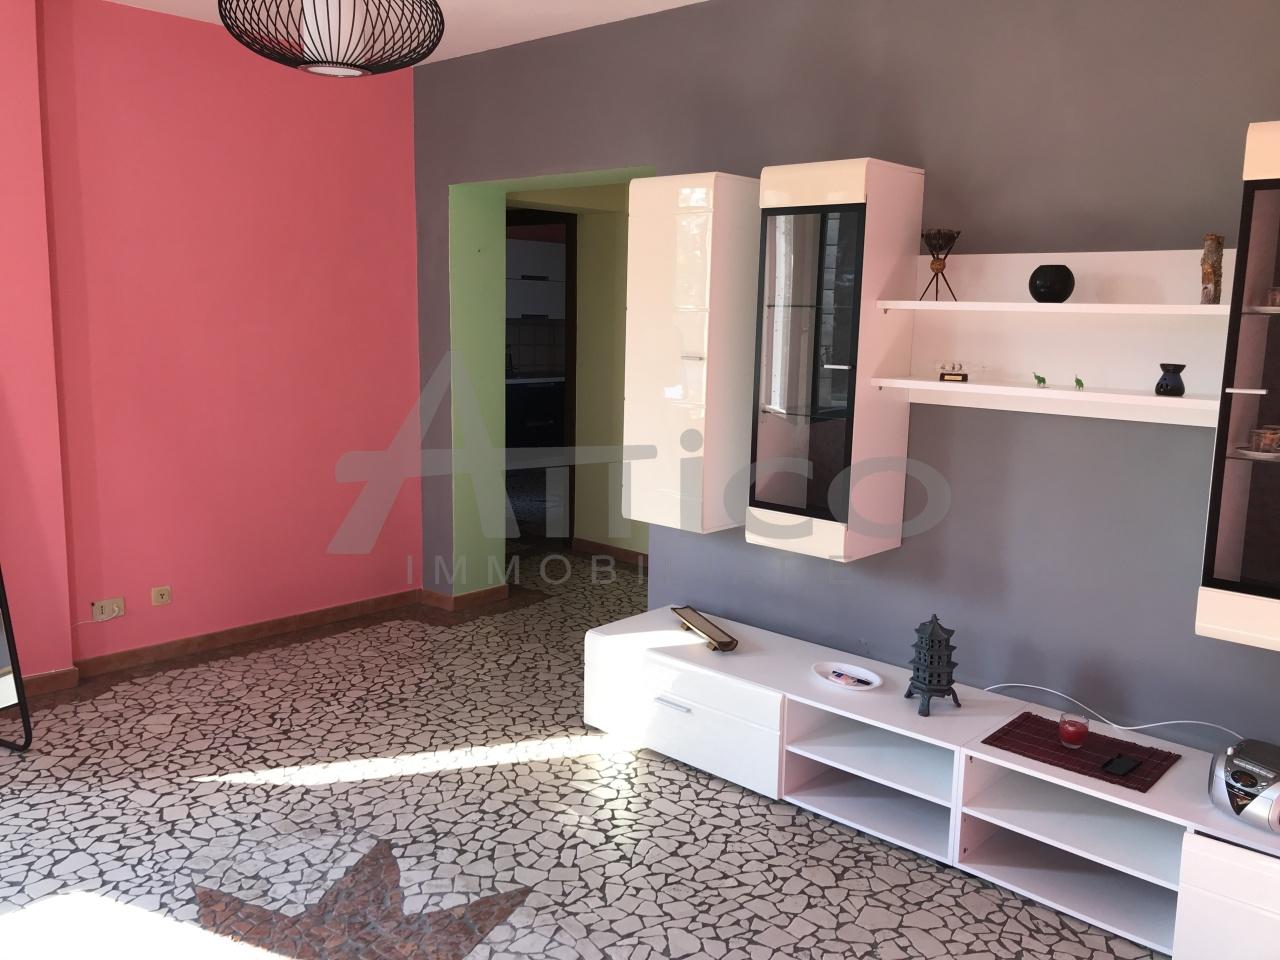 Appartamento in vendita a Villadose, 5 locali, prezzo € 45.000   CambioCasa.it